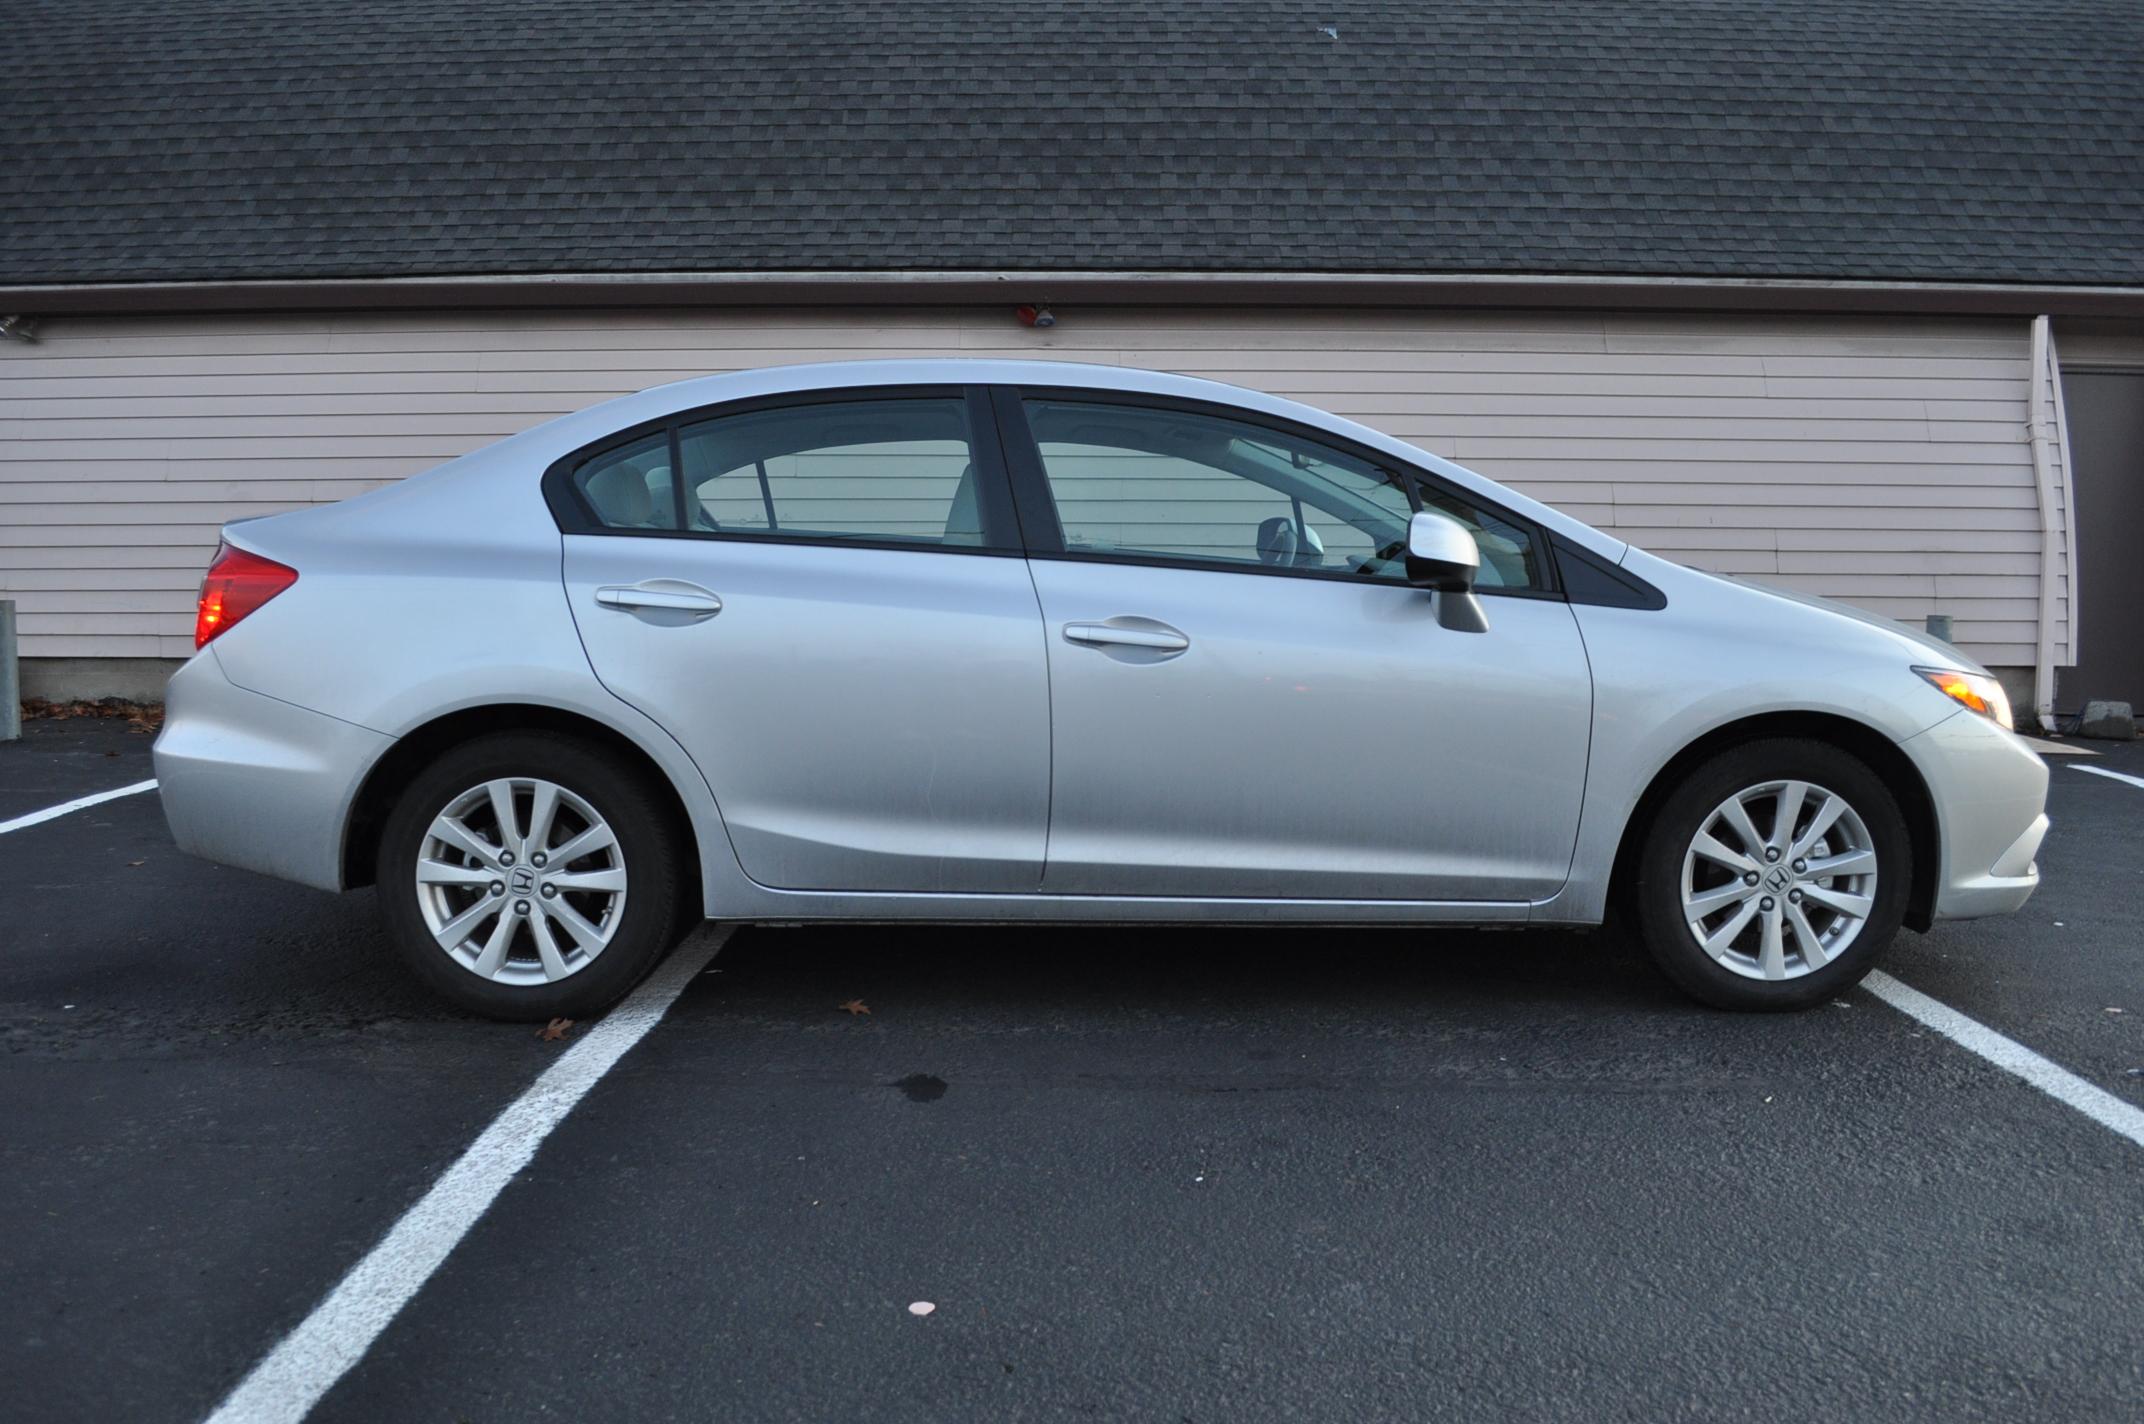 2012 Honda Civic Vs 2012 Toyota Corolla Compact Comparo